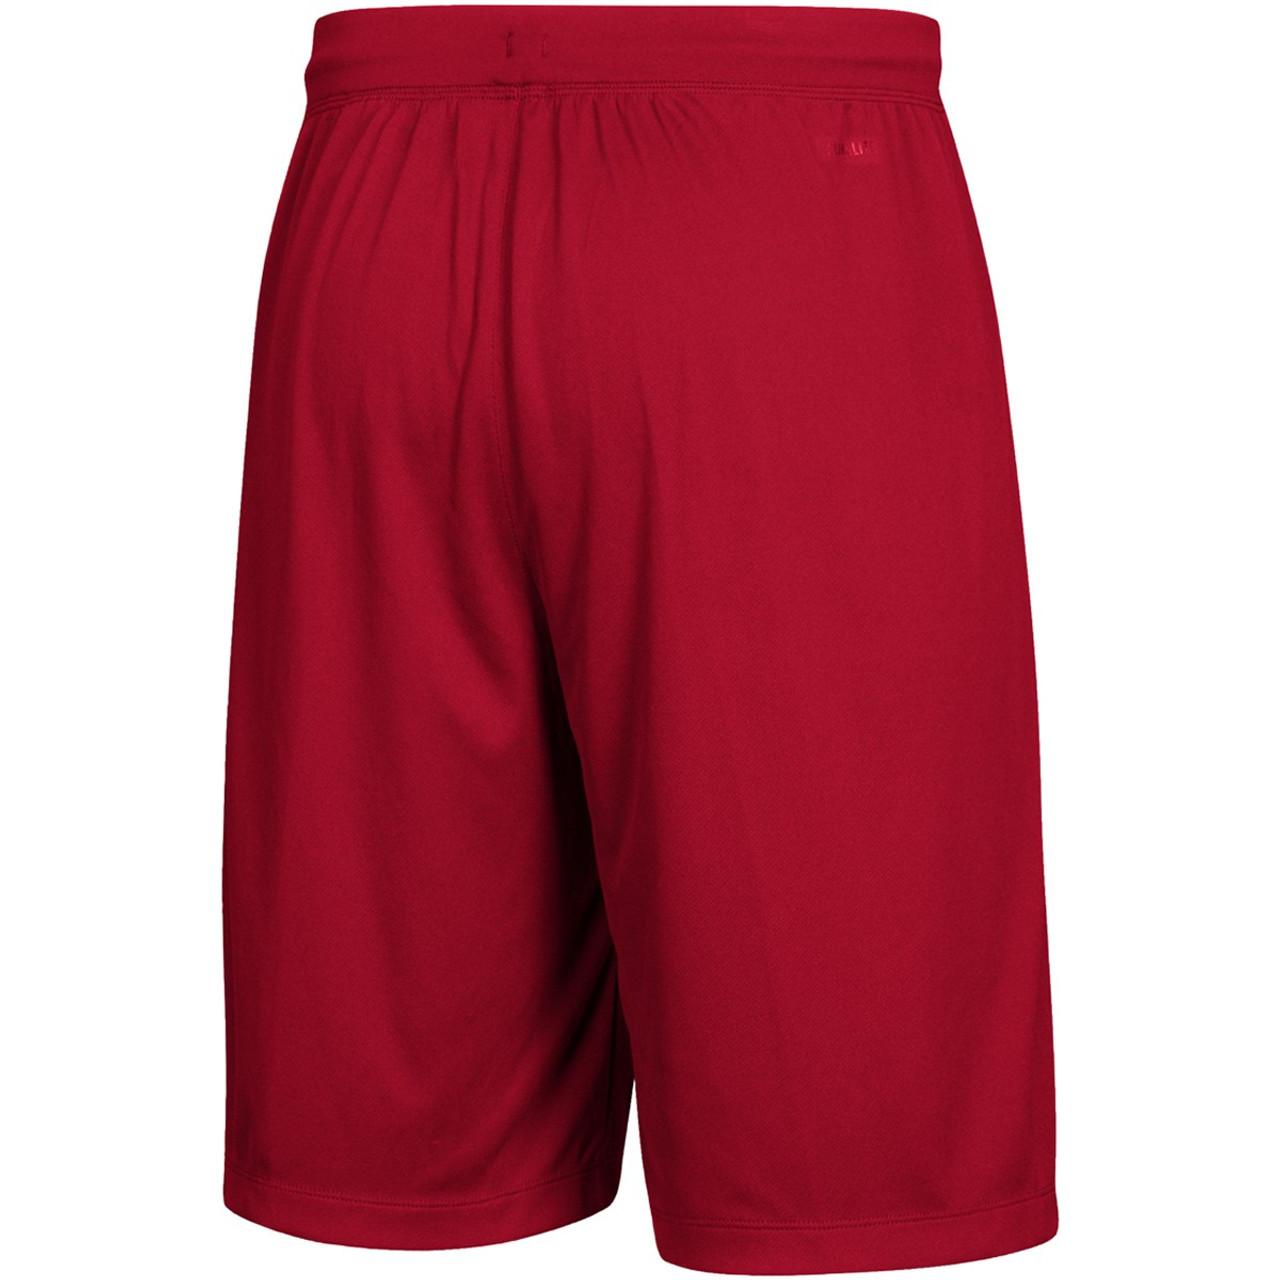 adidas shorts 1980